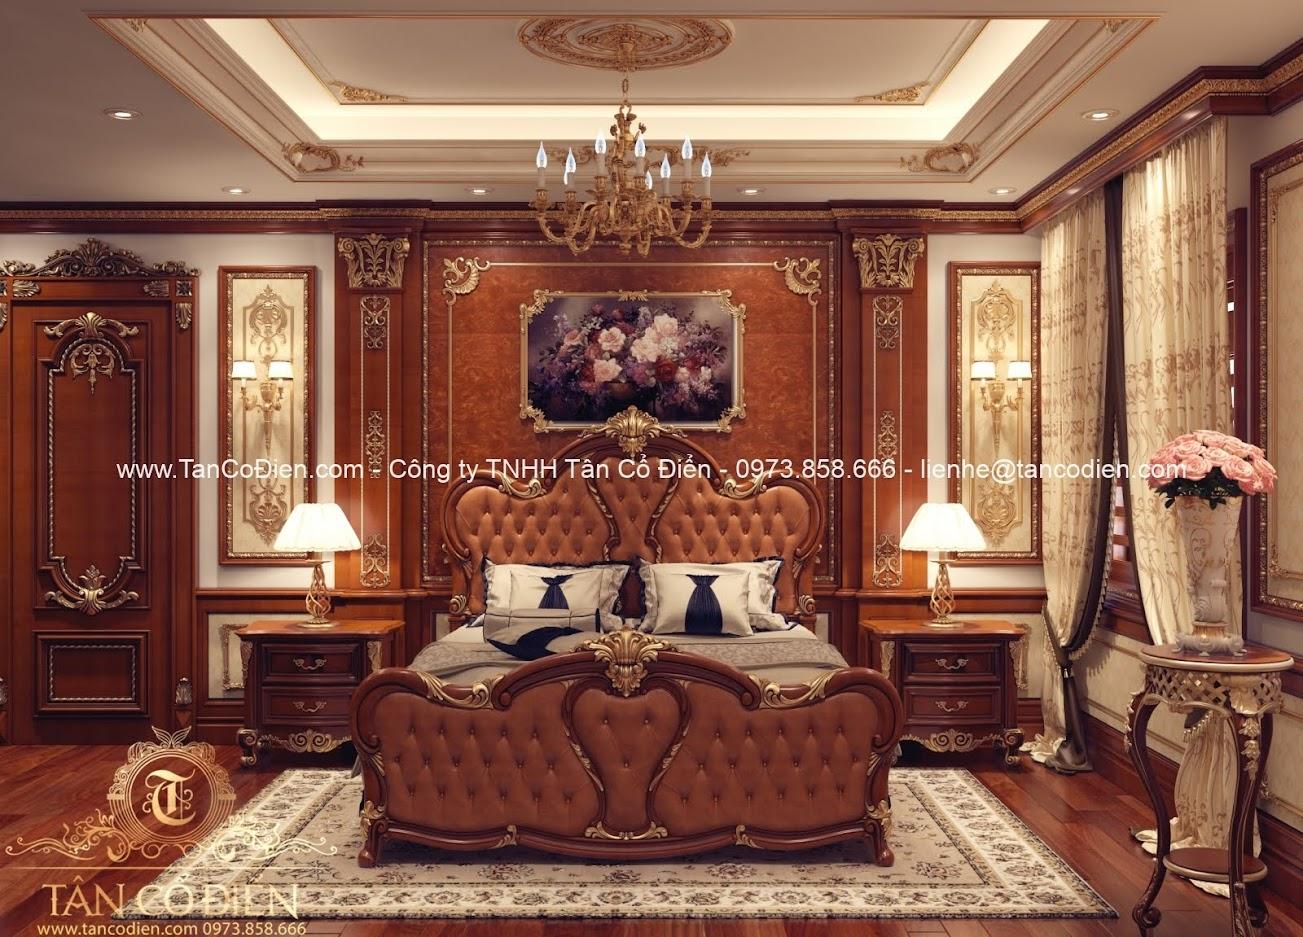 Phòng ngủ trong căn biệt thự cổ điển